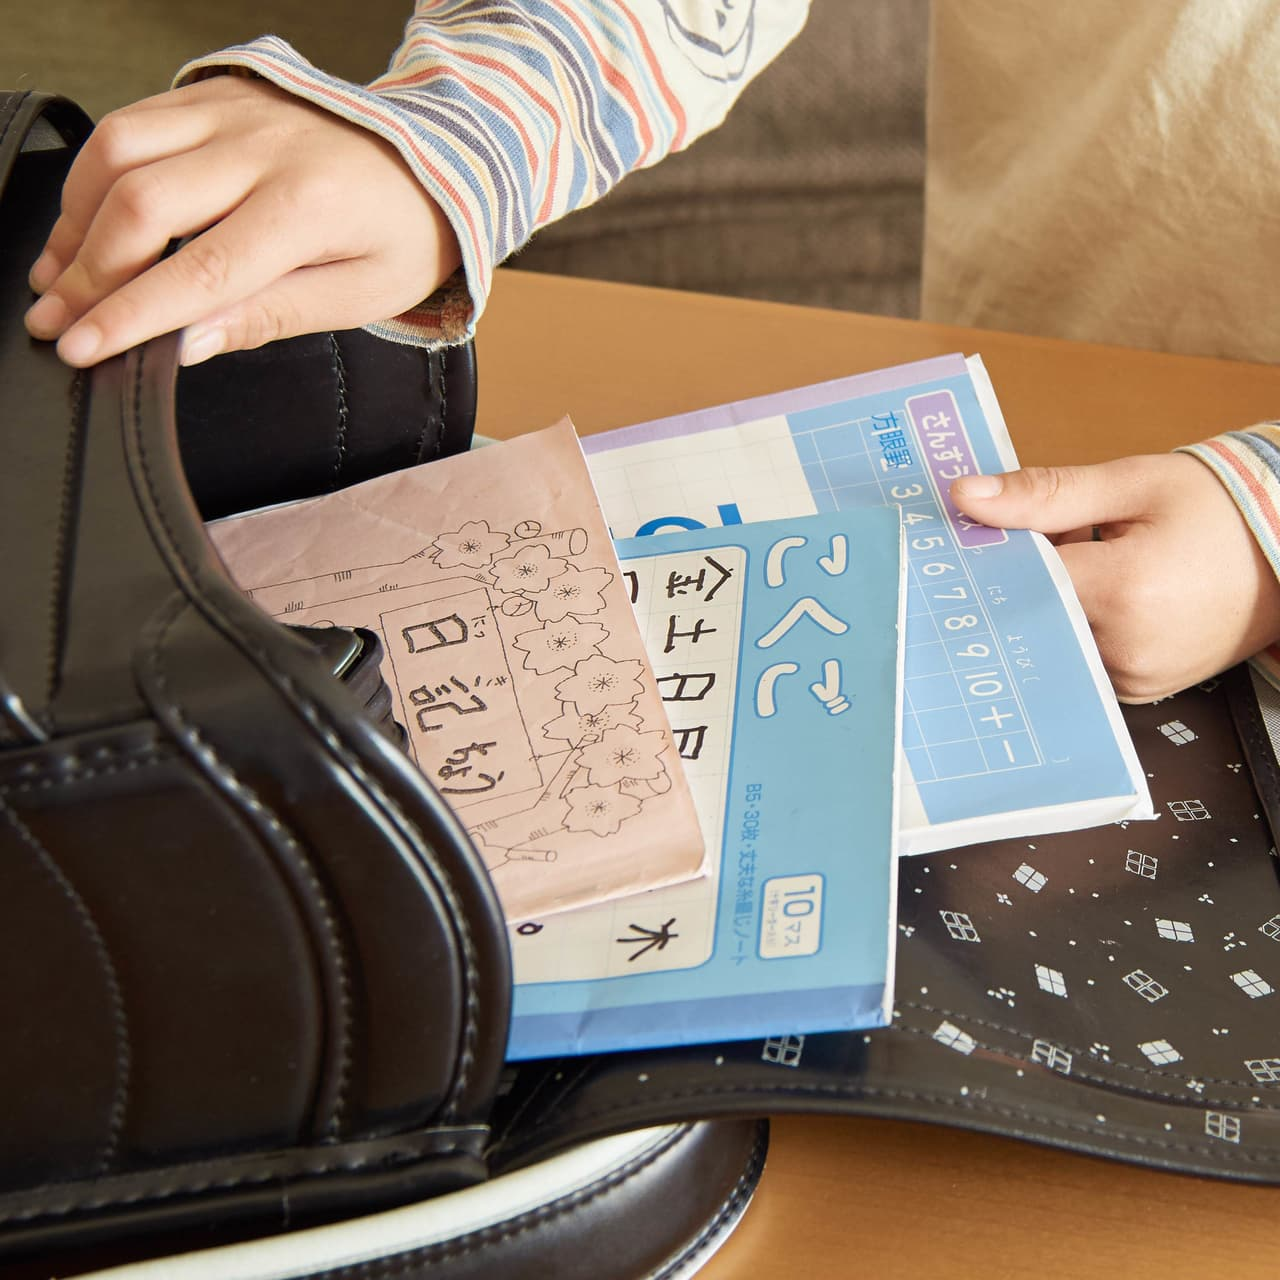 【教育×デジタル】進みはじめた教科書のデジタル化、その課題と責任